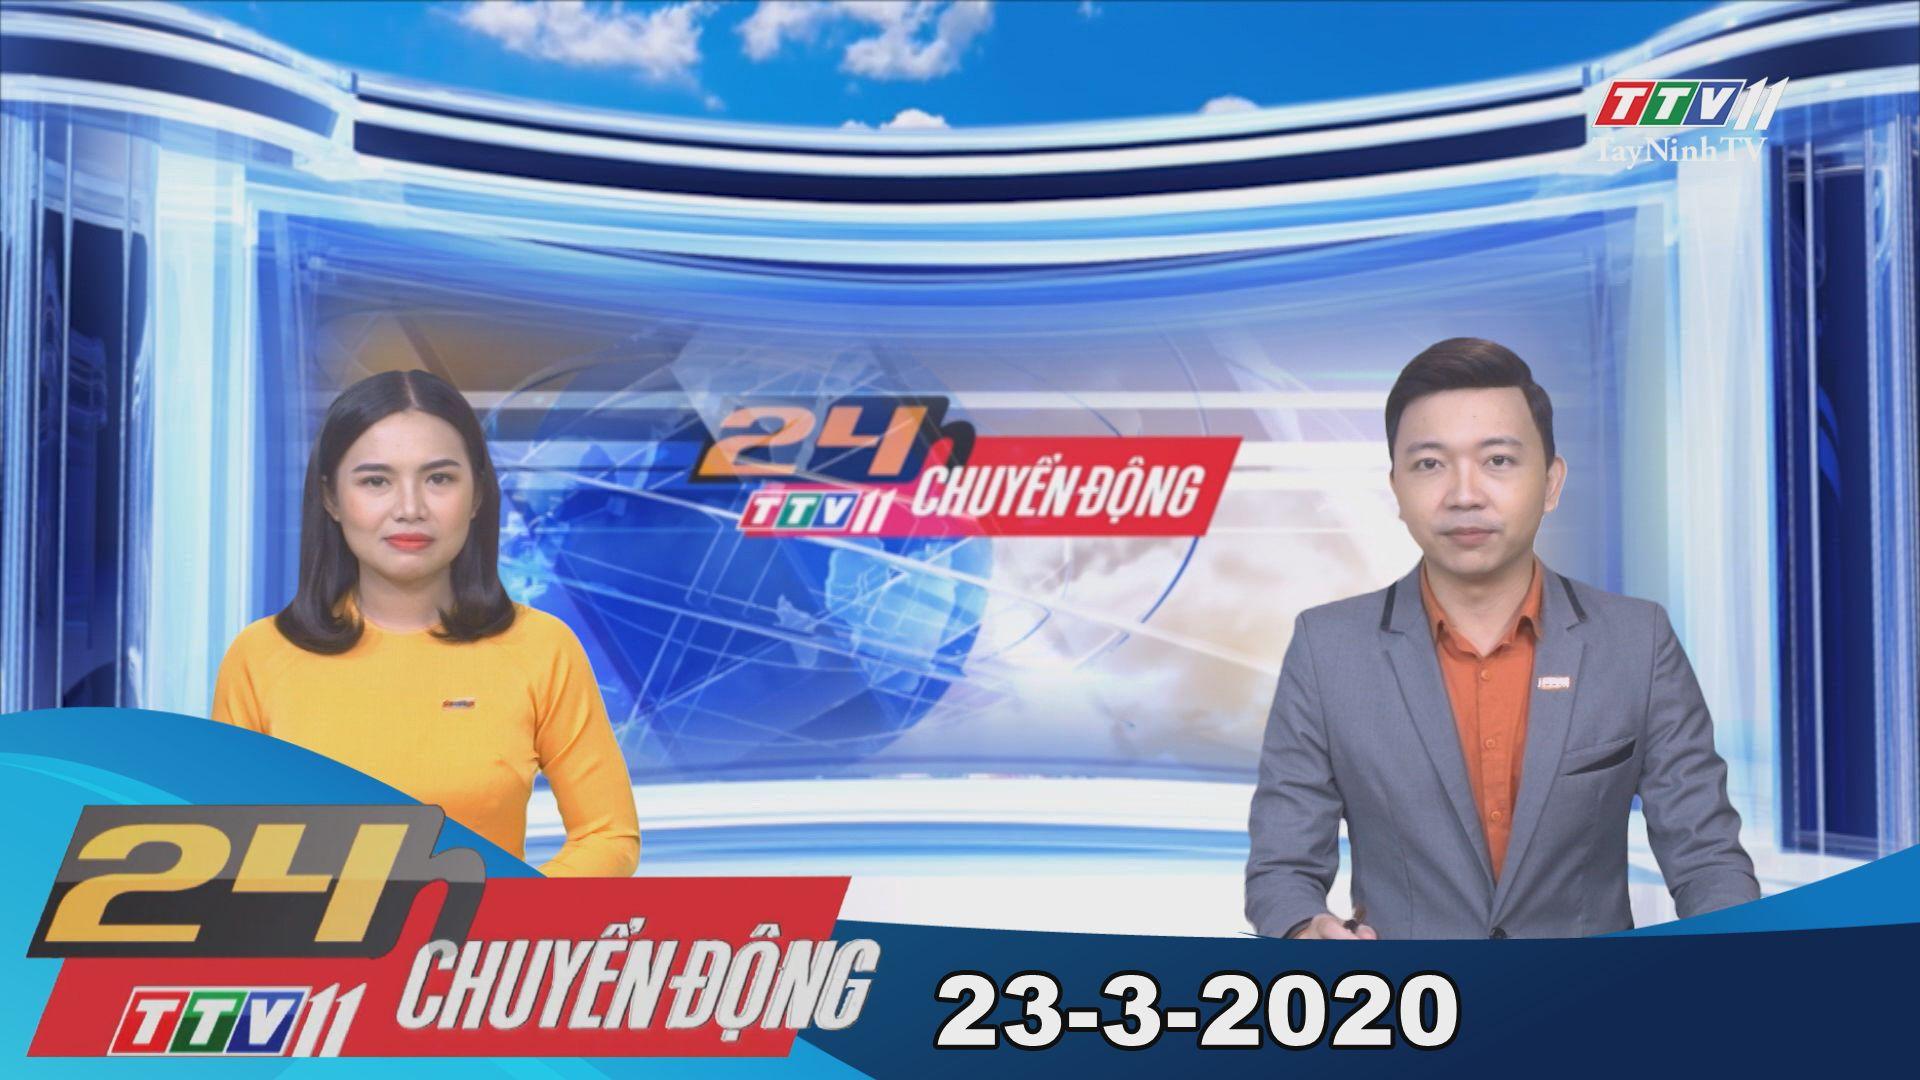 24h Chuyển động 23-3-2020 | Tin tức hôm nay | TayNinhTV